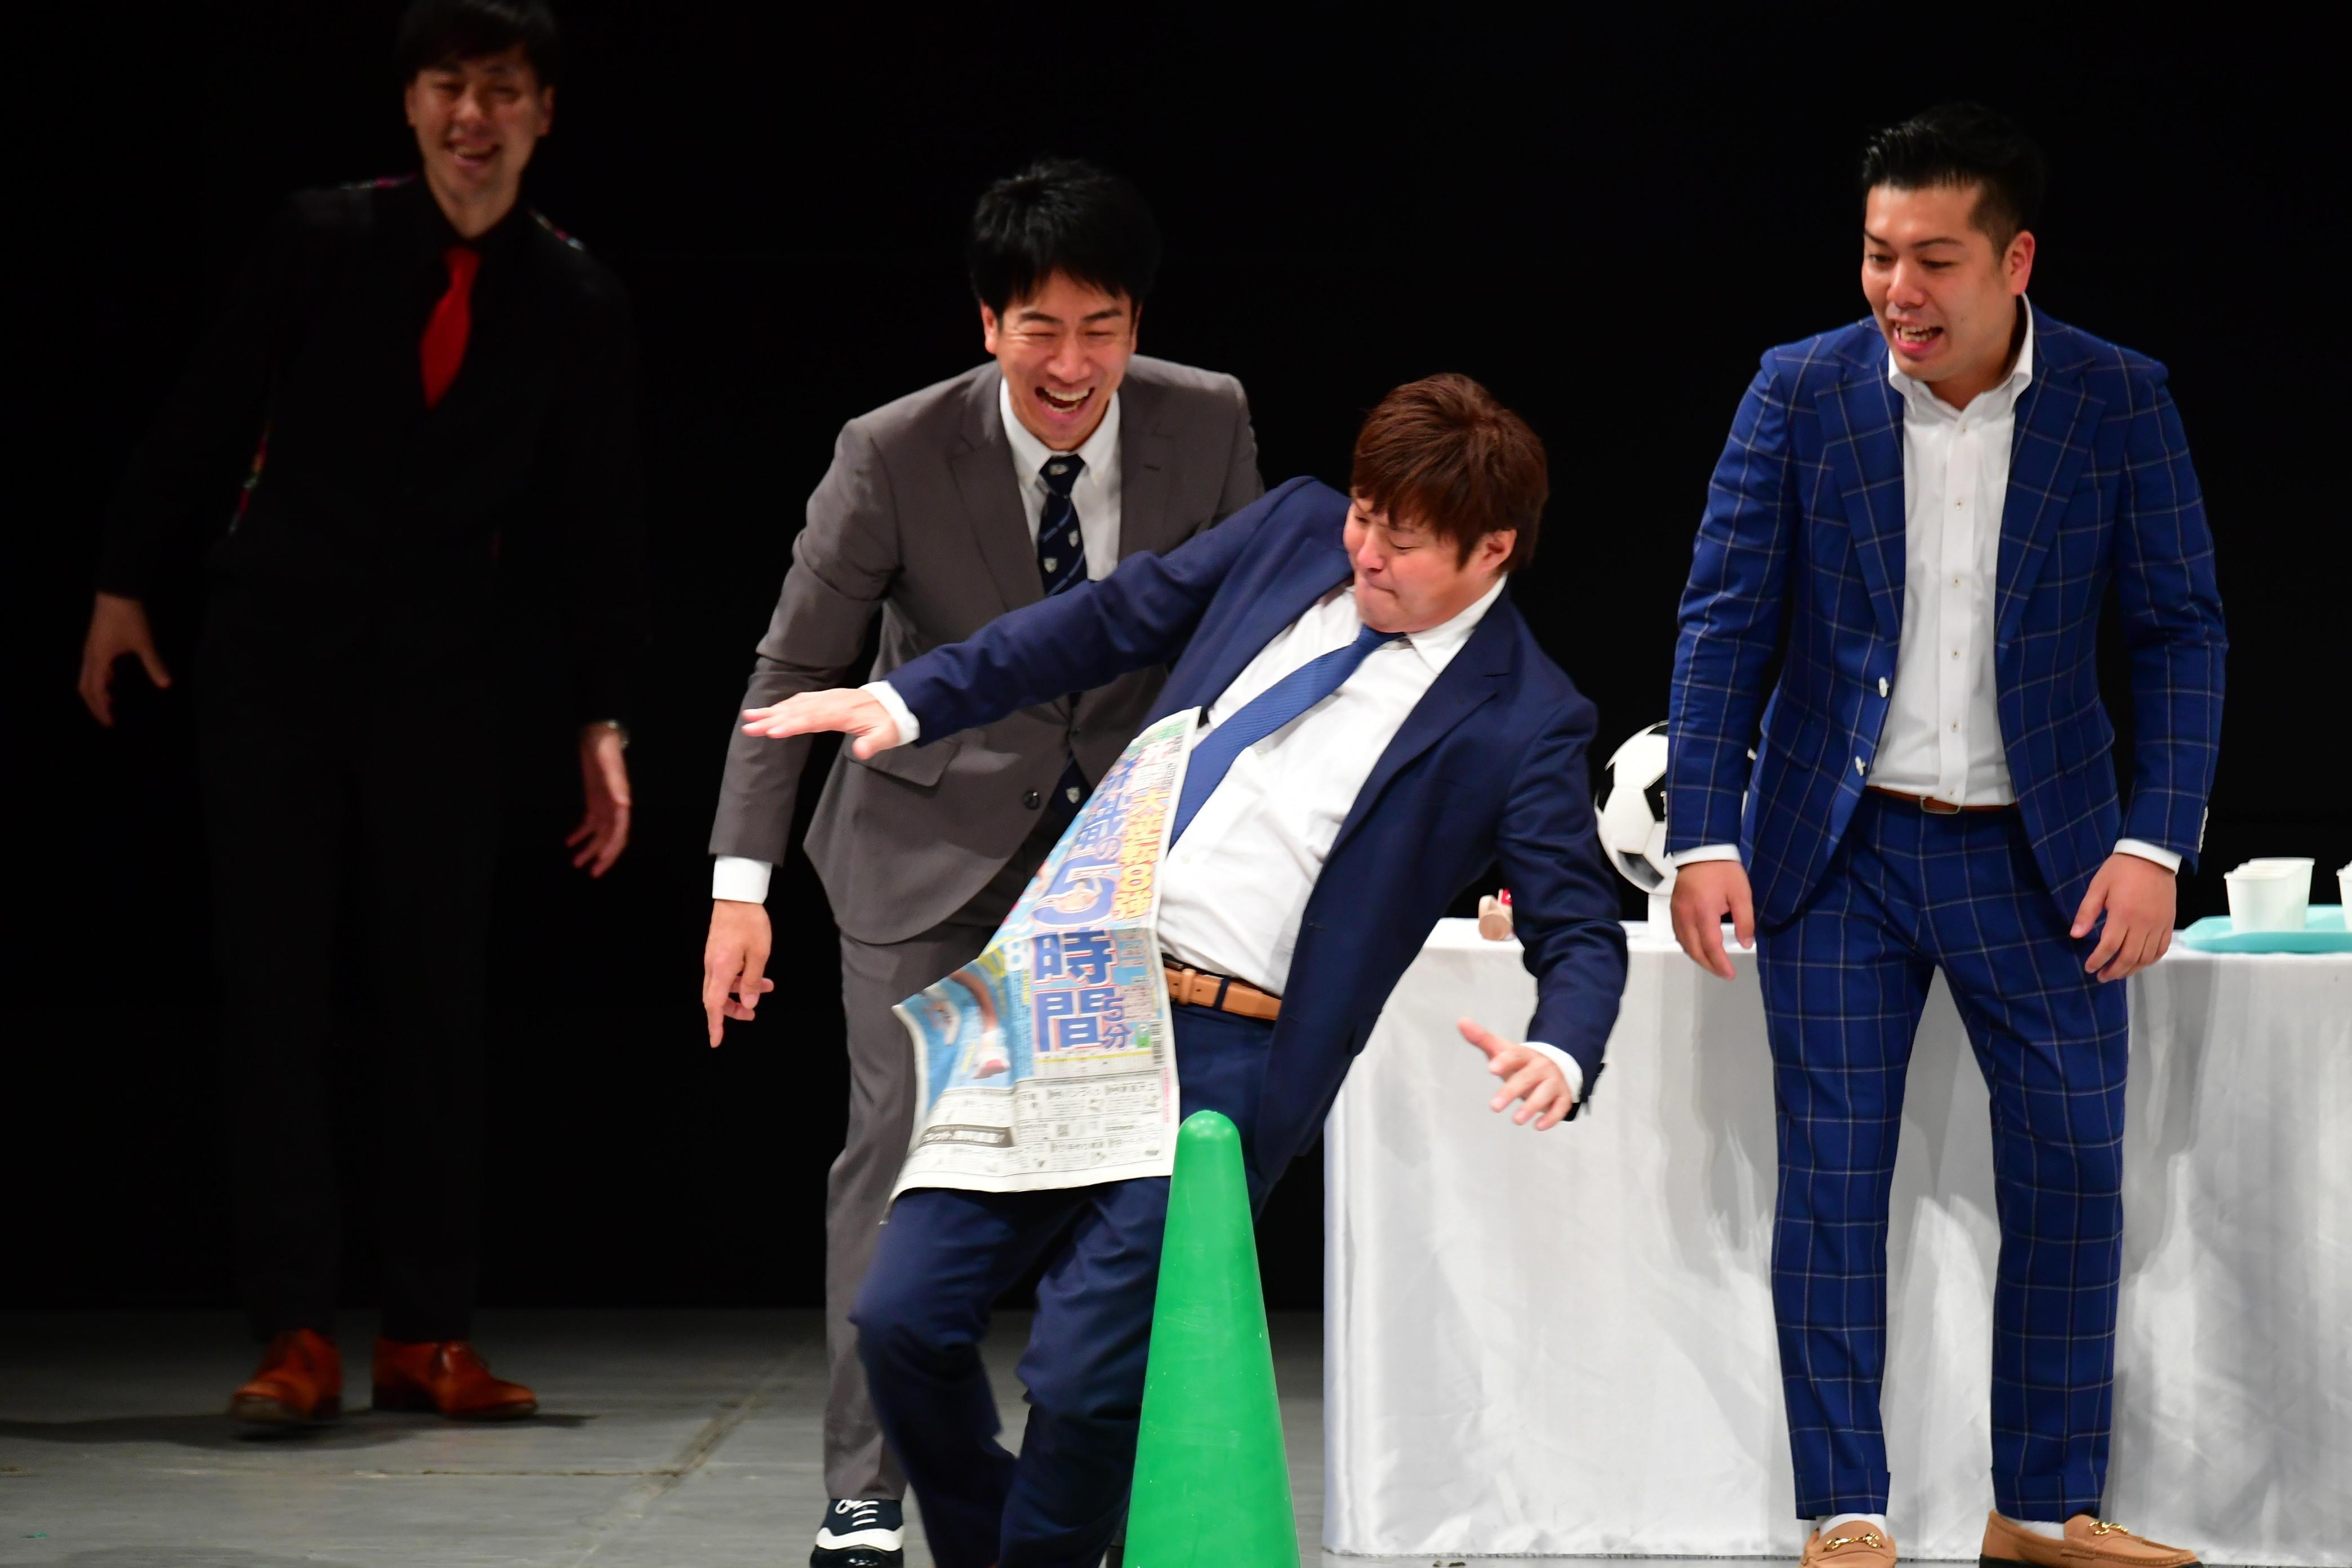 http://news.yoshimoto.co.jp/20190128190459-b1646a9dfcb78f0f51113dbe4e7f4a85d3881bc1.jpg